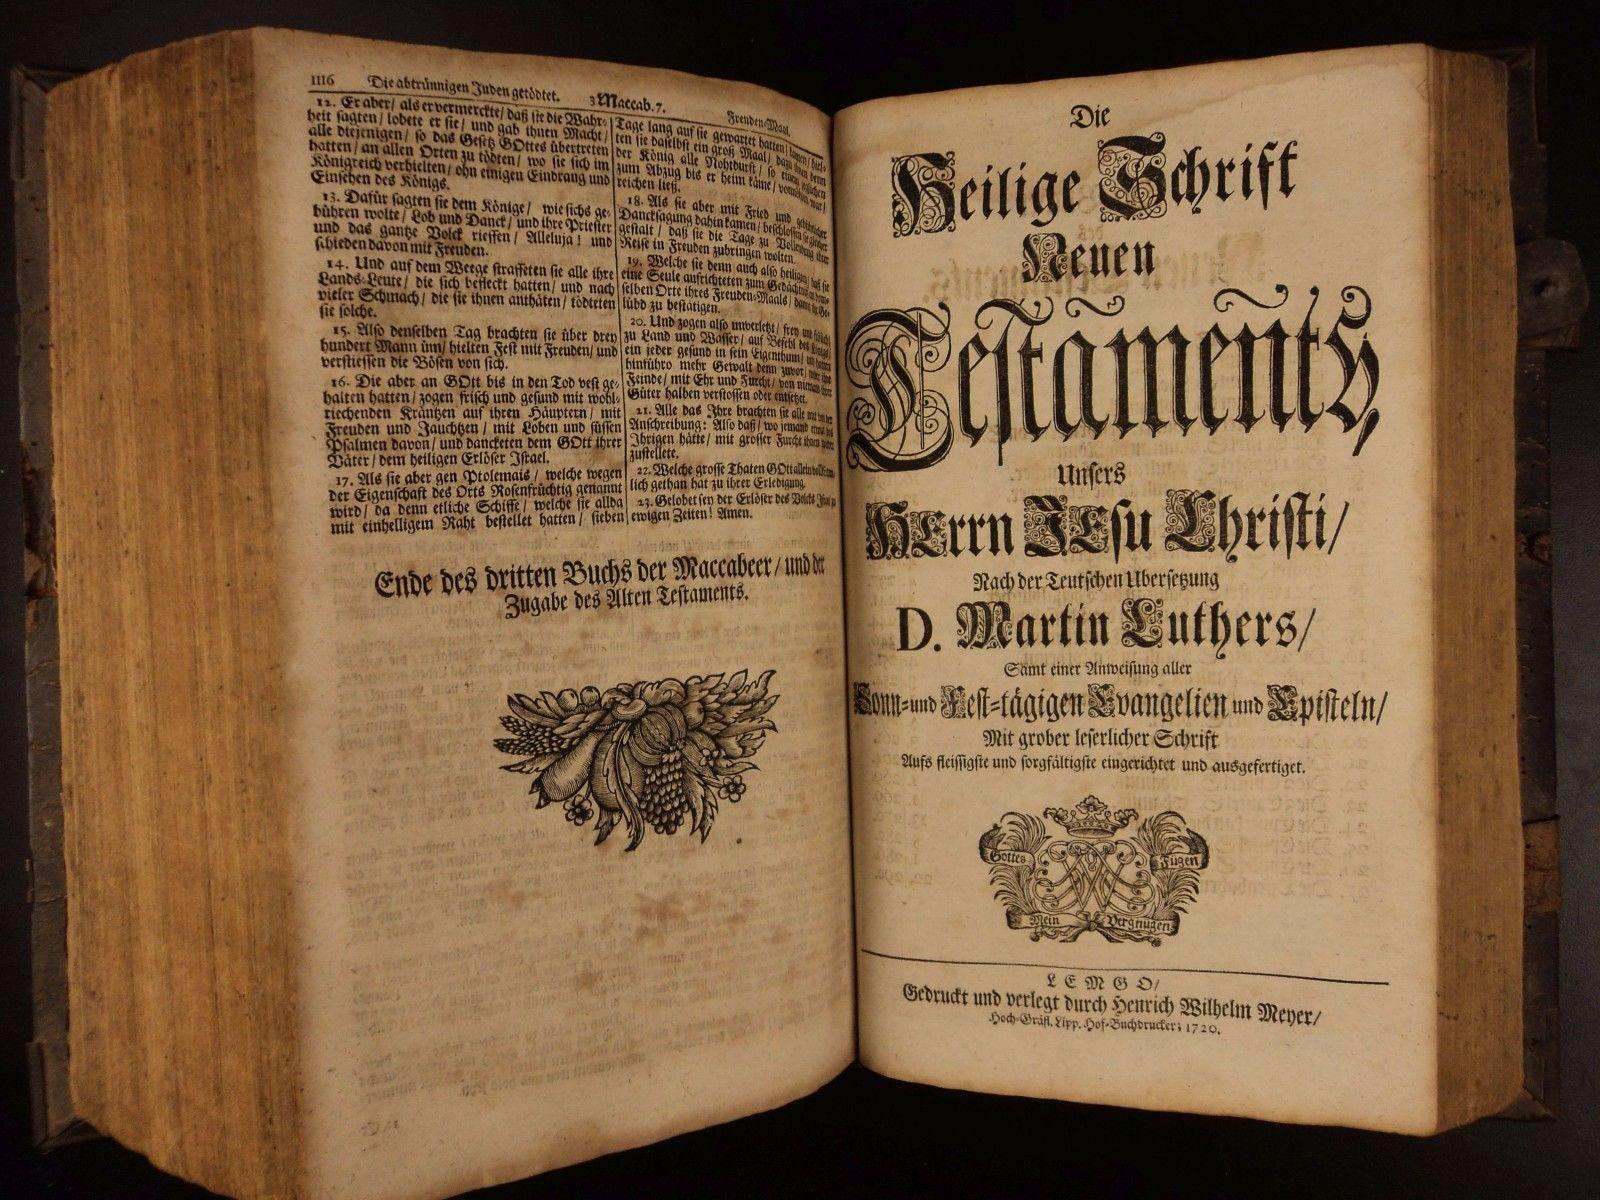 LUTHER BIBEL EPUB NOOK PDF DOWNLOAD